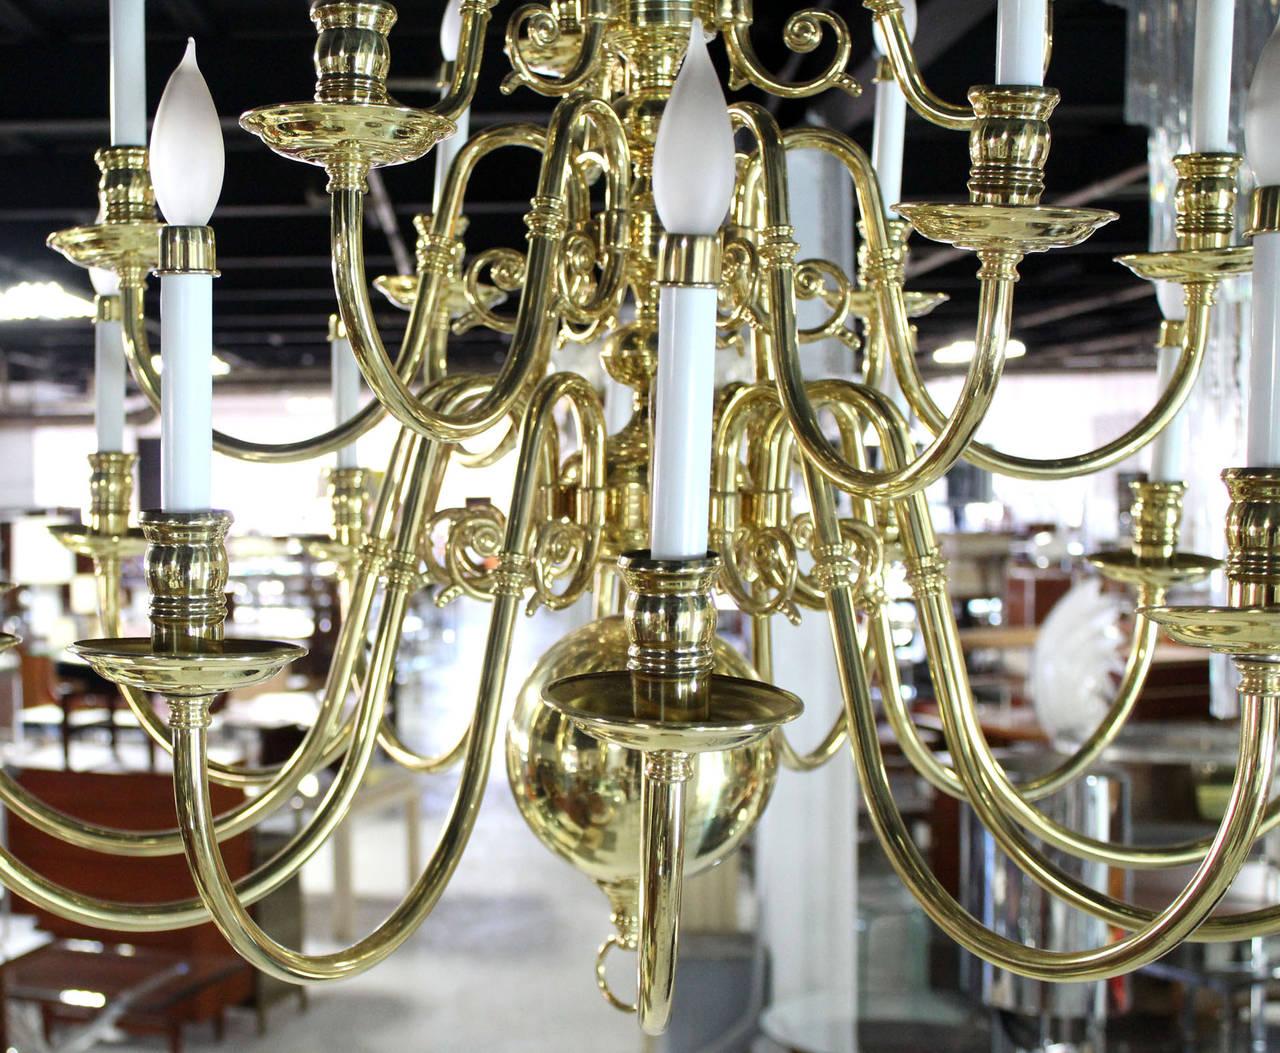 Vintage Brass Candelabra Chandelier image 9